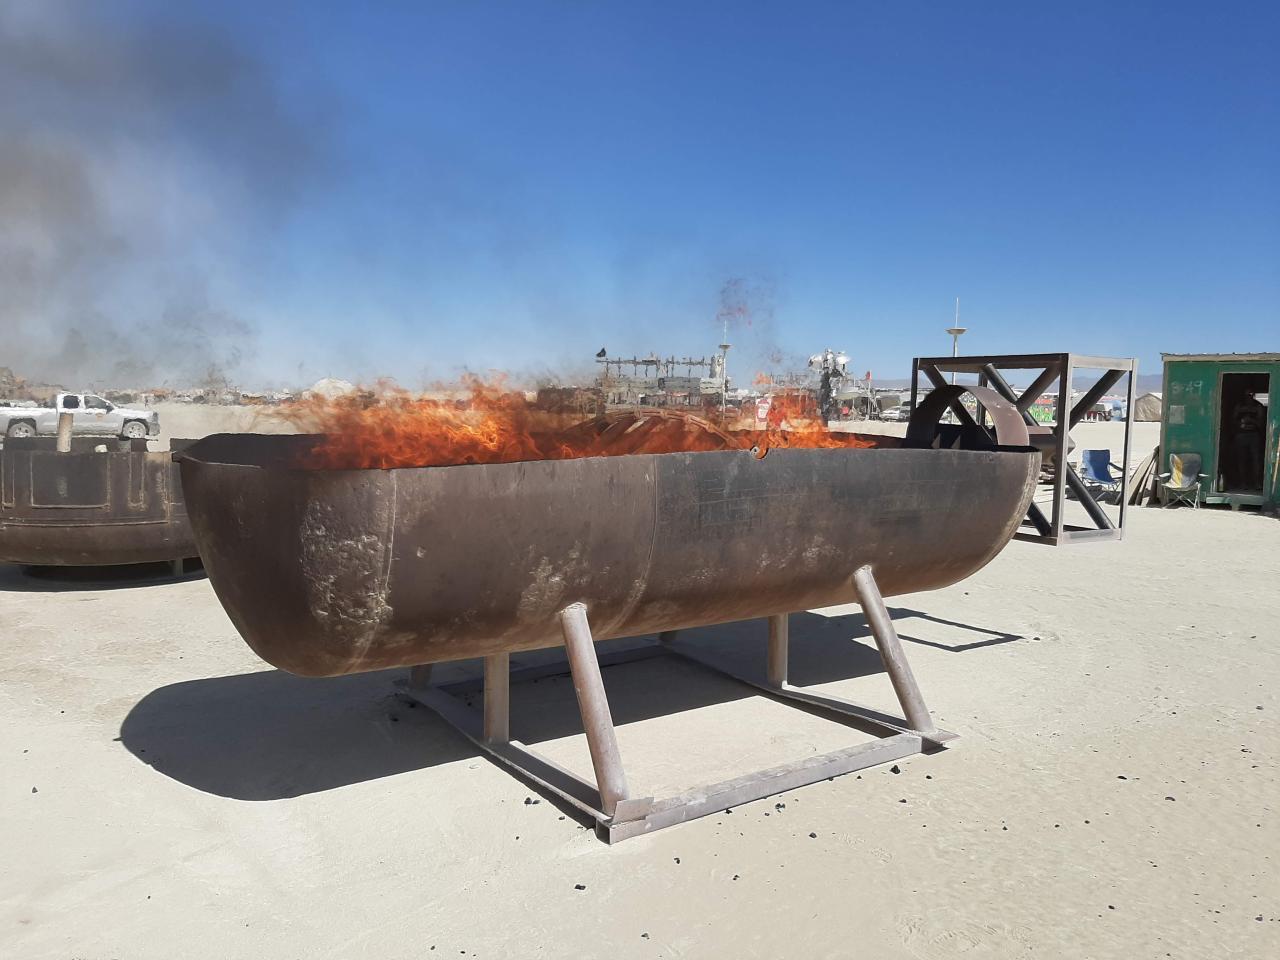 Создание арт-объекта для Burning Man - 30